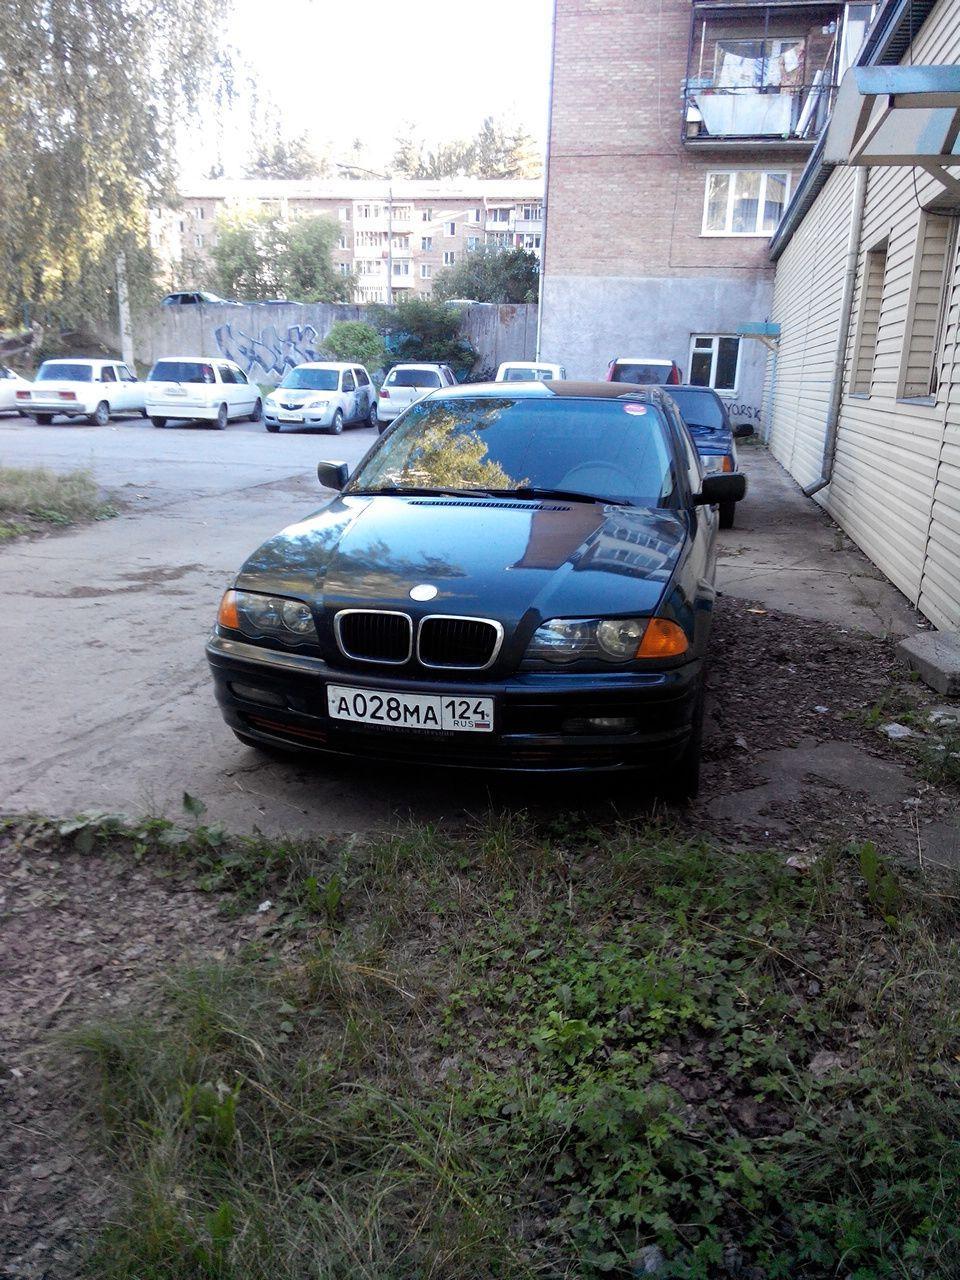 Продажа подержанных автомобилей дивногорск дром